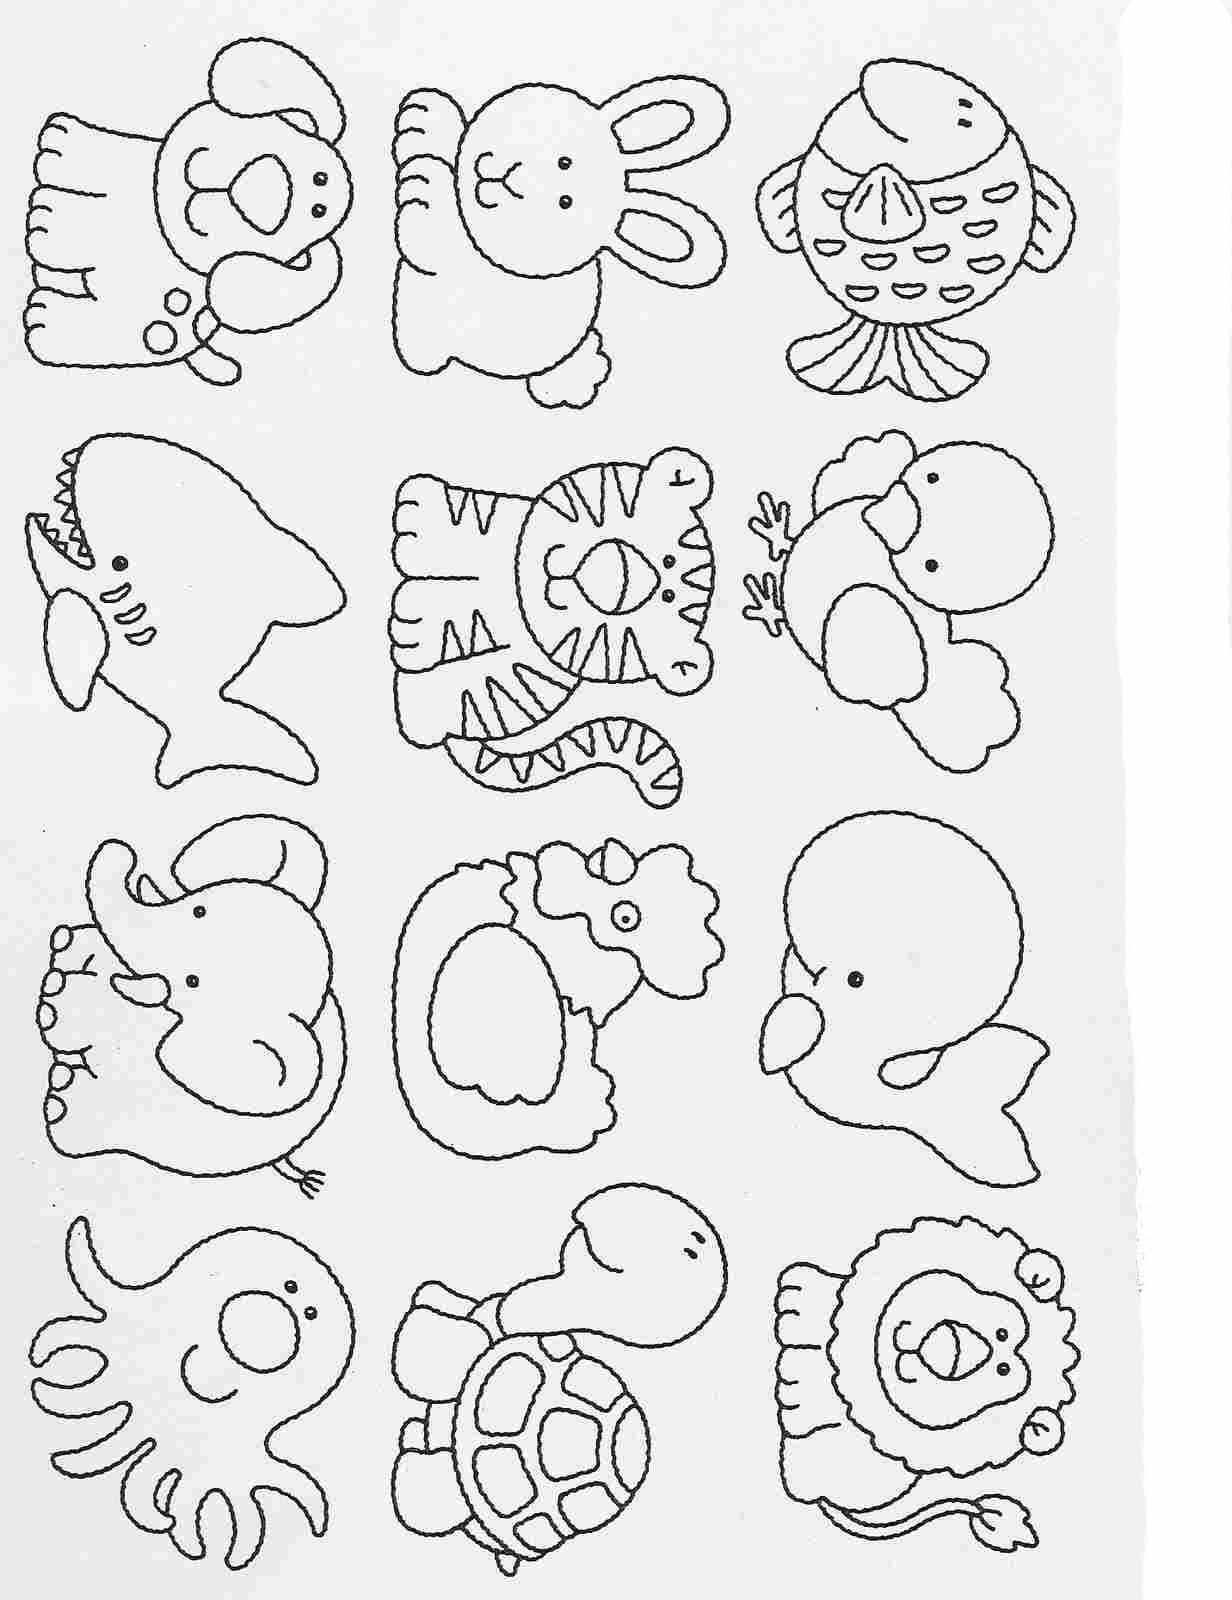 Actividades imprimibles para niños Completar y Colorear 18 | cosas ...